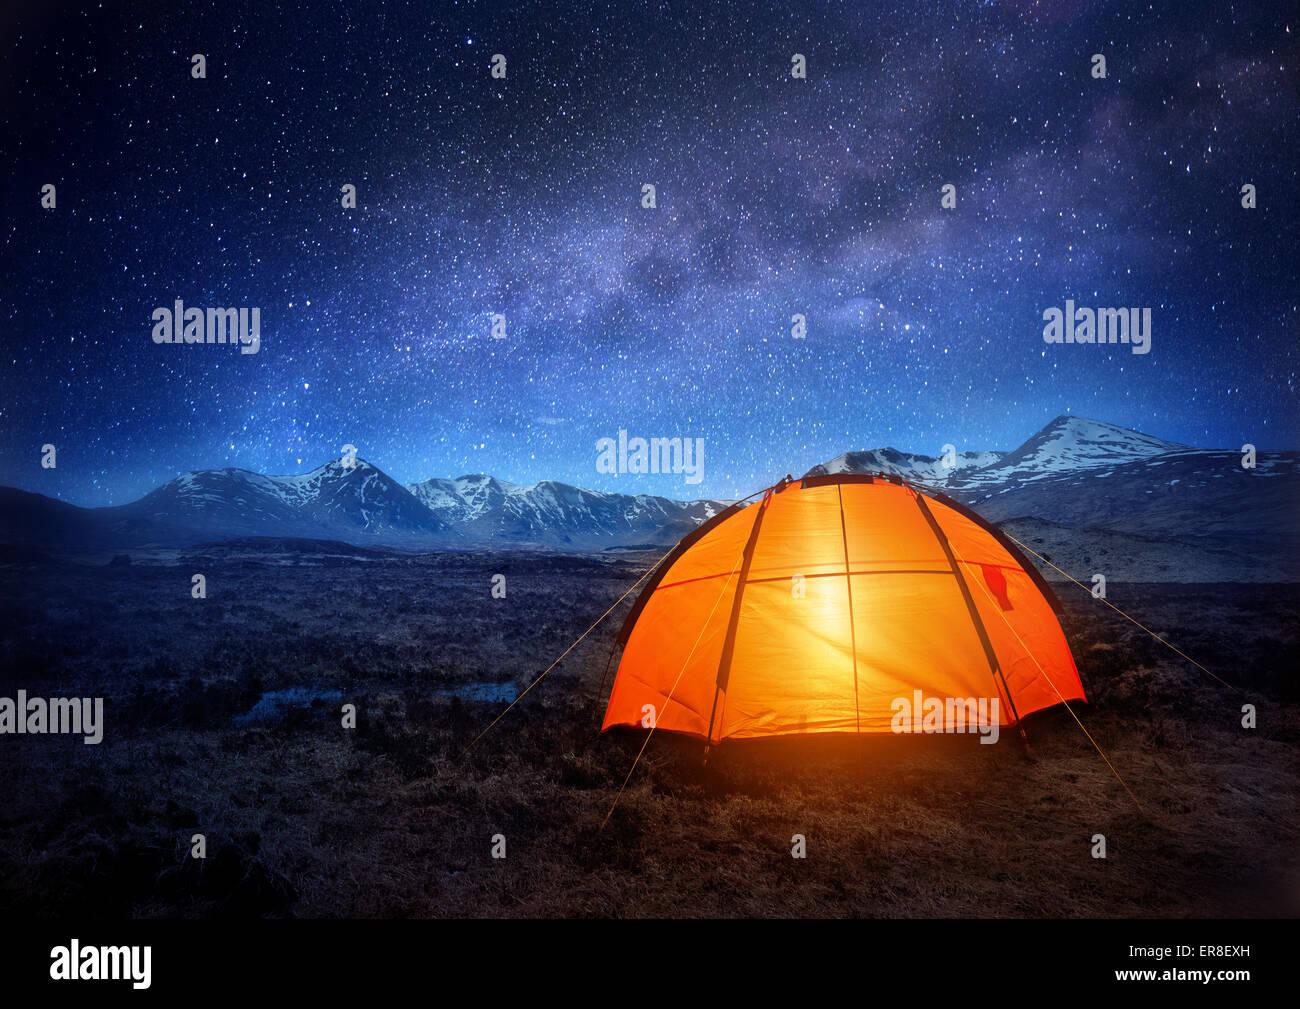 Une tente de camping brille sous un ciel plein d'étoiles. Camping en plein air d'aventure. Photo Stock